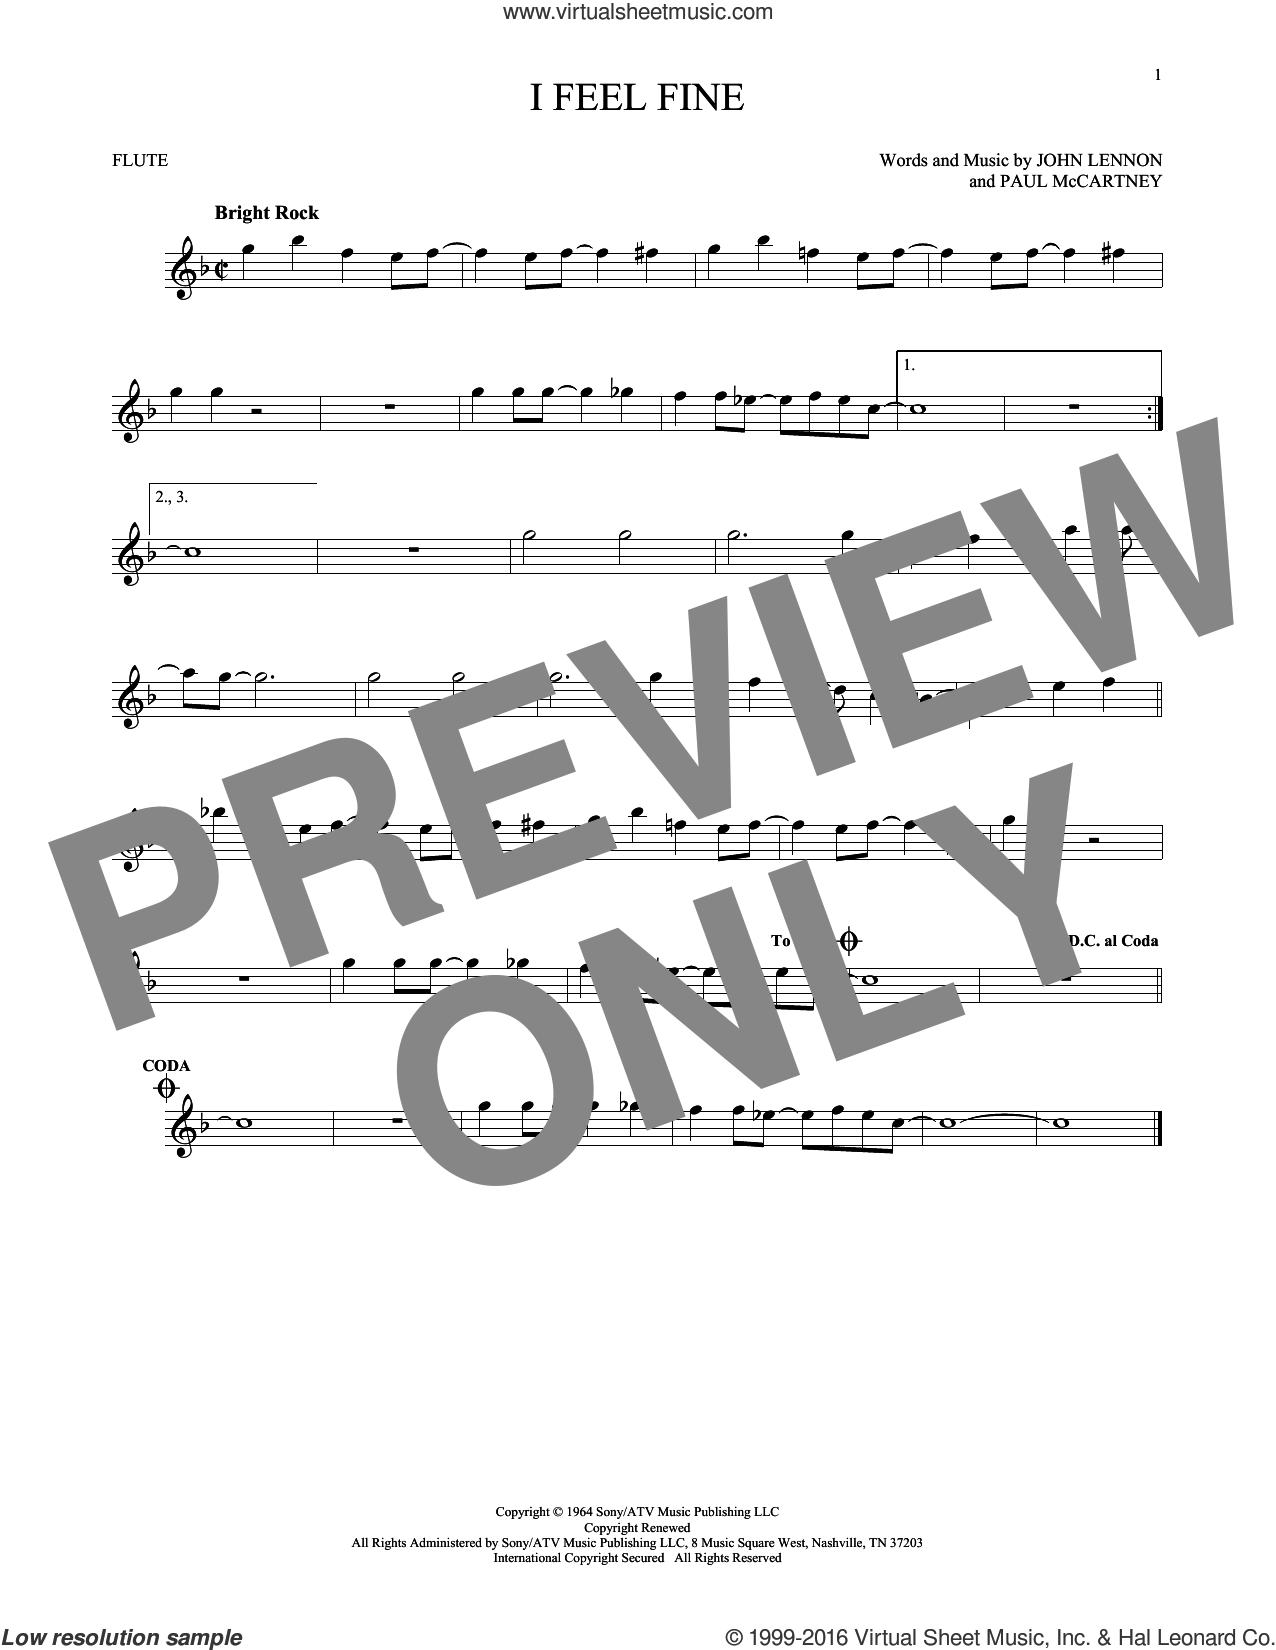 I Feel Fine sheet music for flute solo by The Beatles, John Lennon and Paul McCartney, intermediate skill level